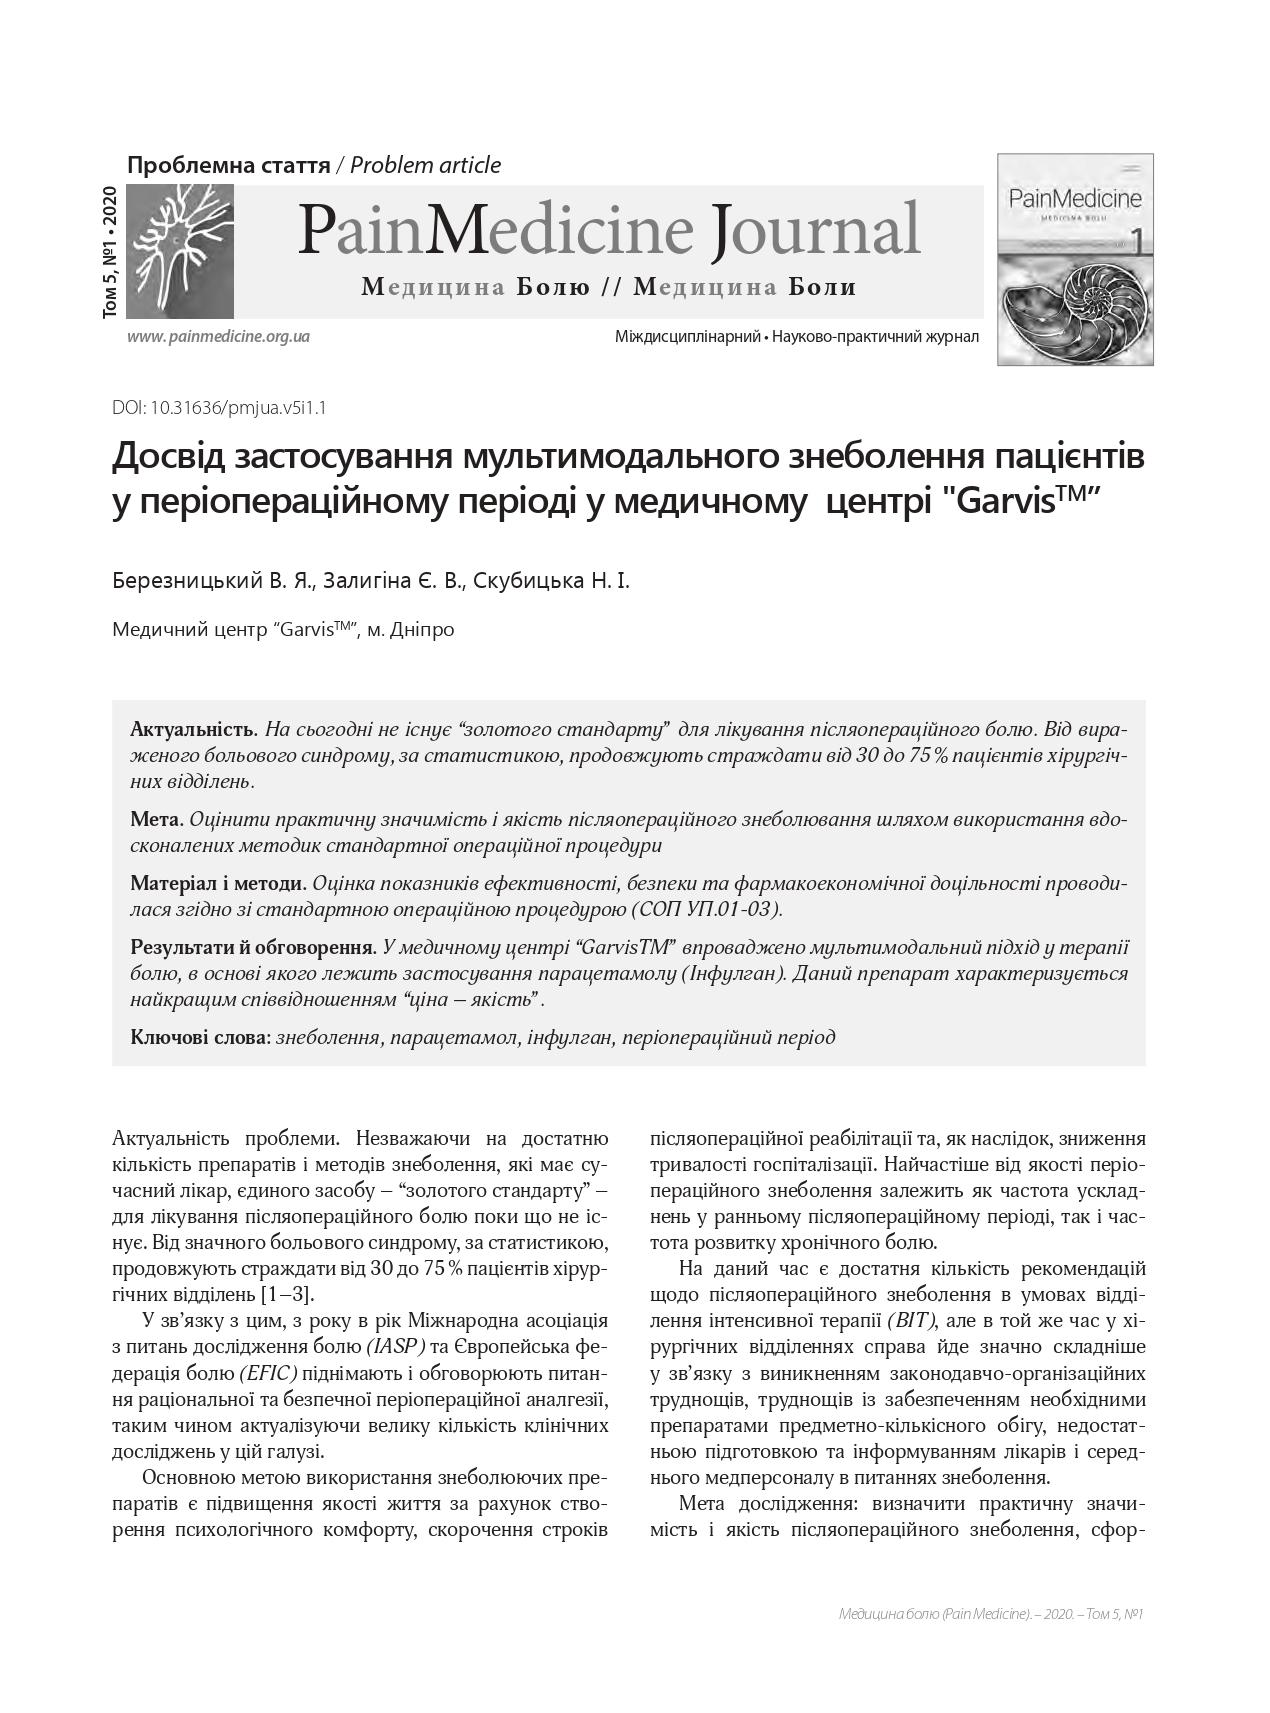 """Досвід застосування мультимодального знеболення пацієн тів у періопераційному періоді у медичному  центрі """"GarvisТМ"""""""